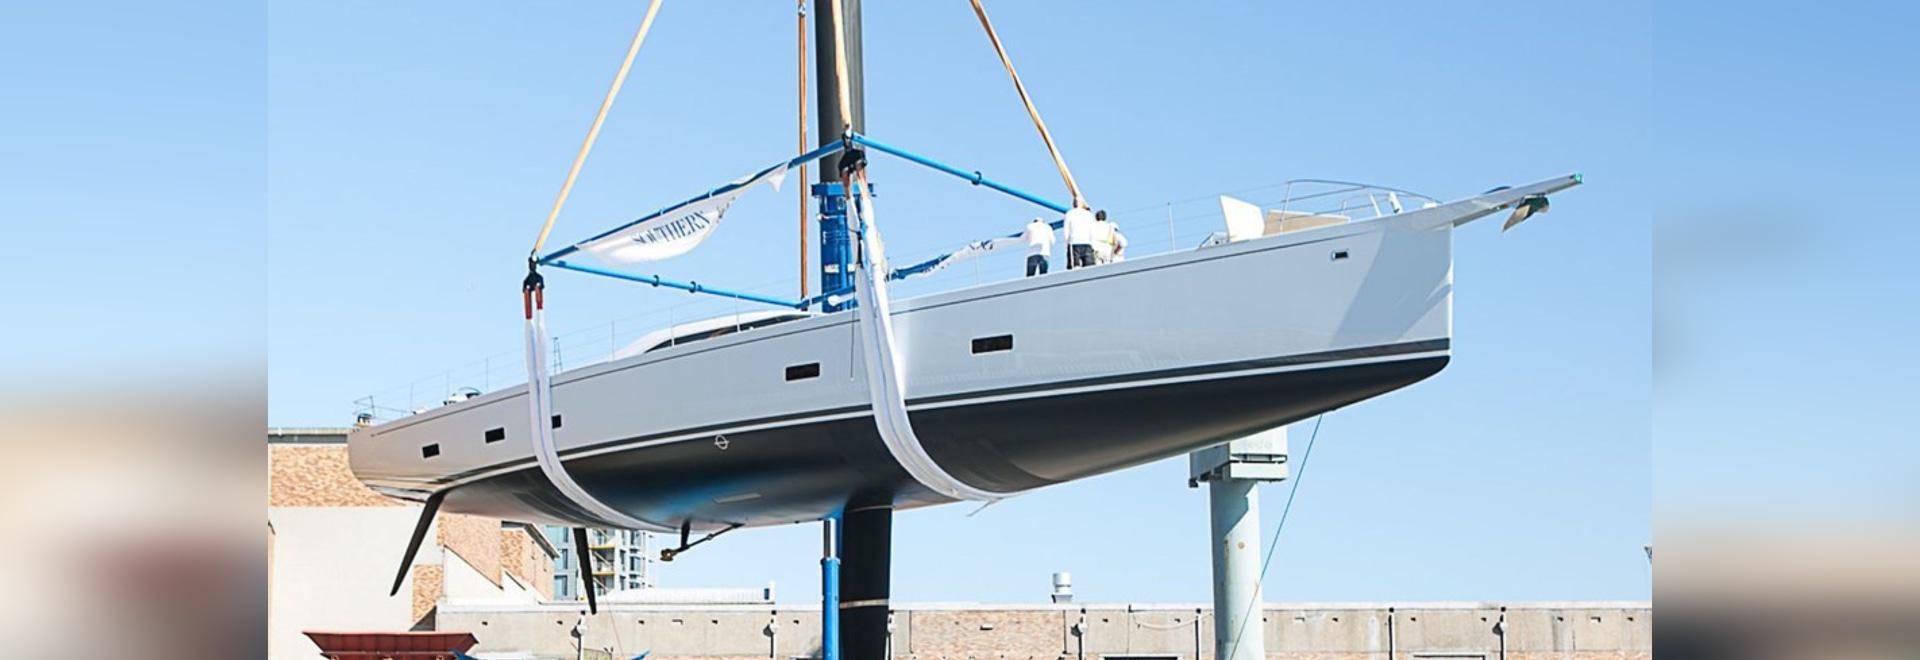 Il vento del sud lancia un potere di navigazione dell'yacht di 35m di 2